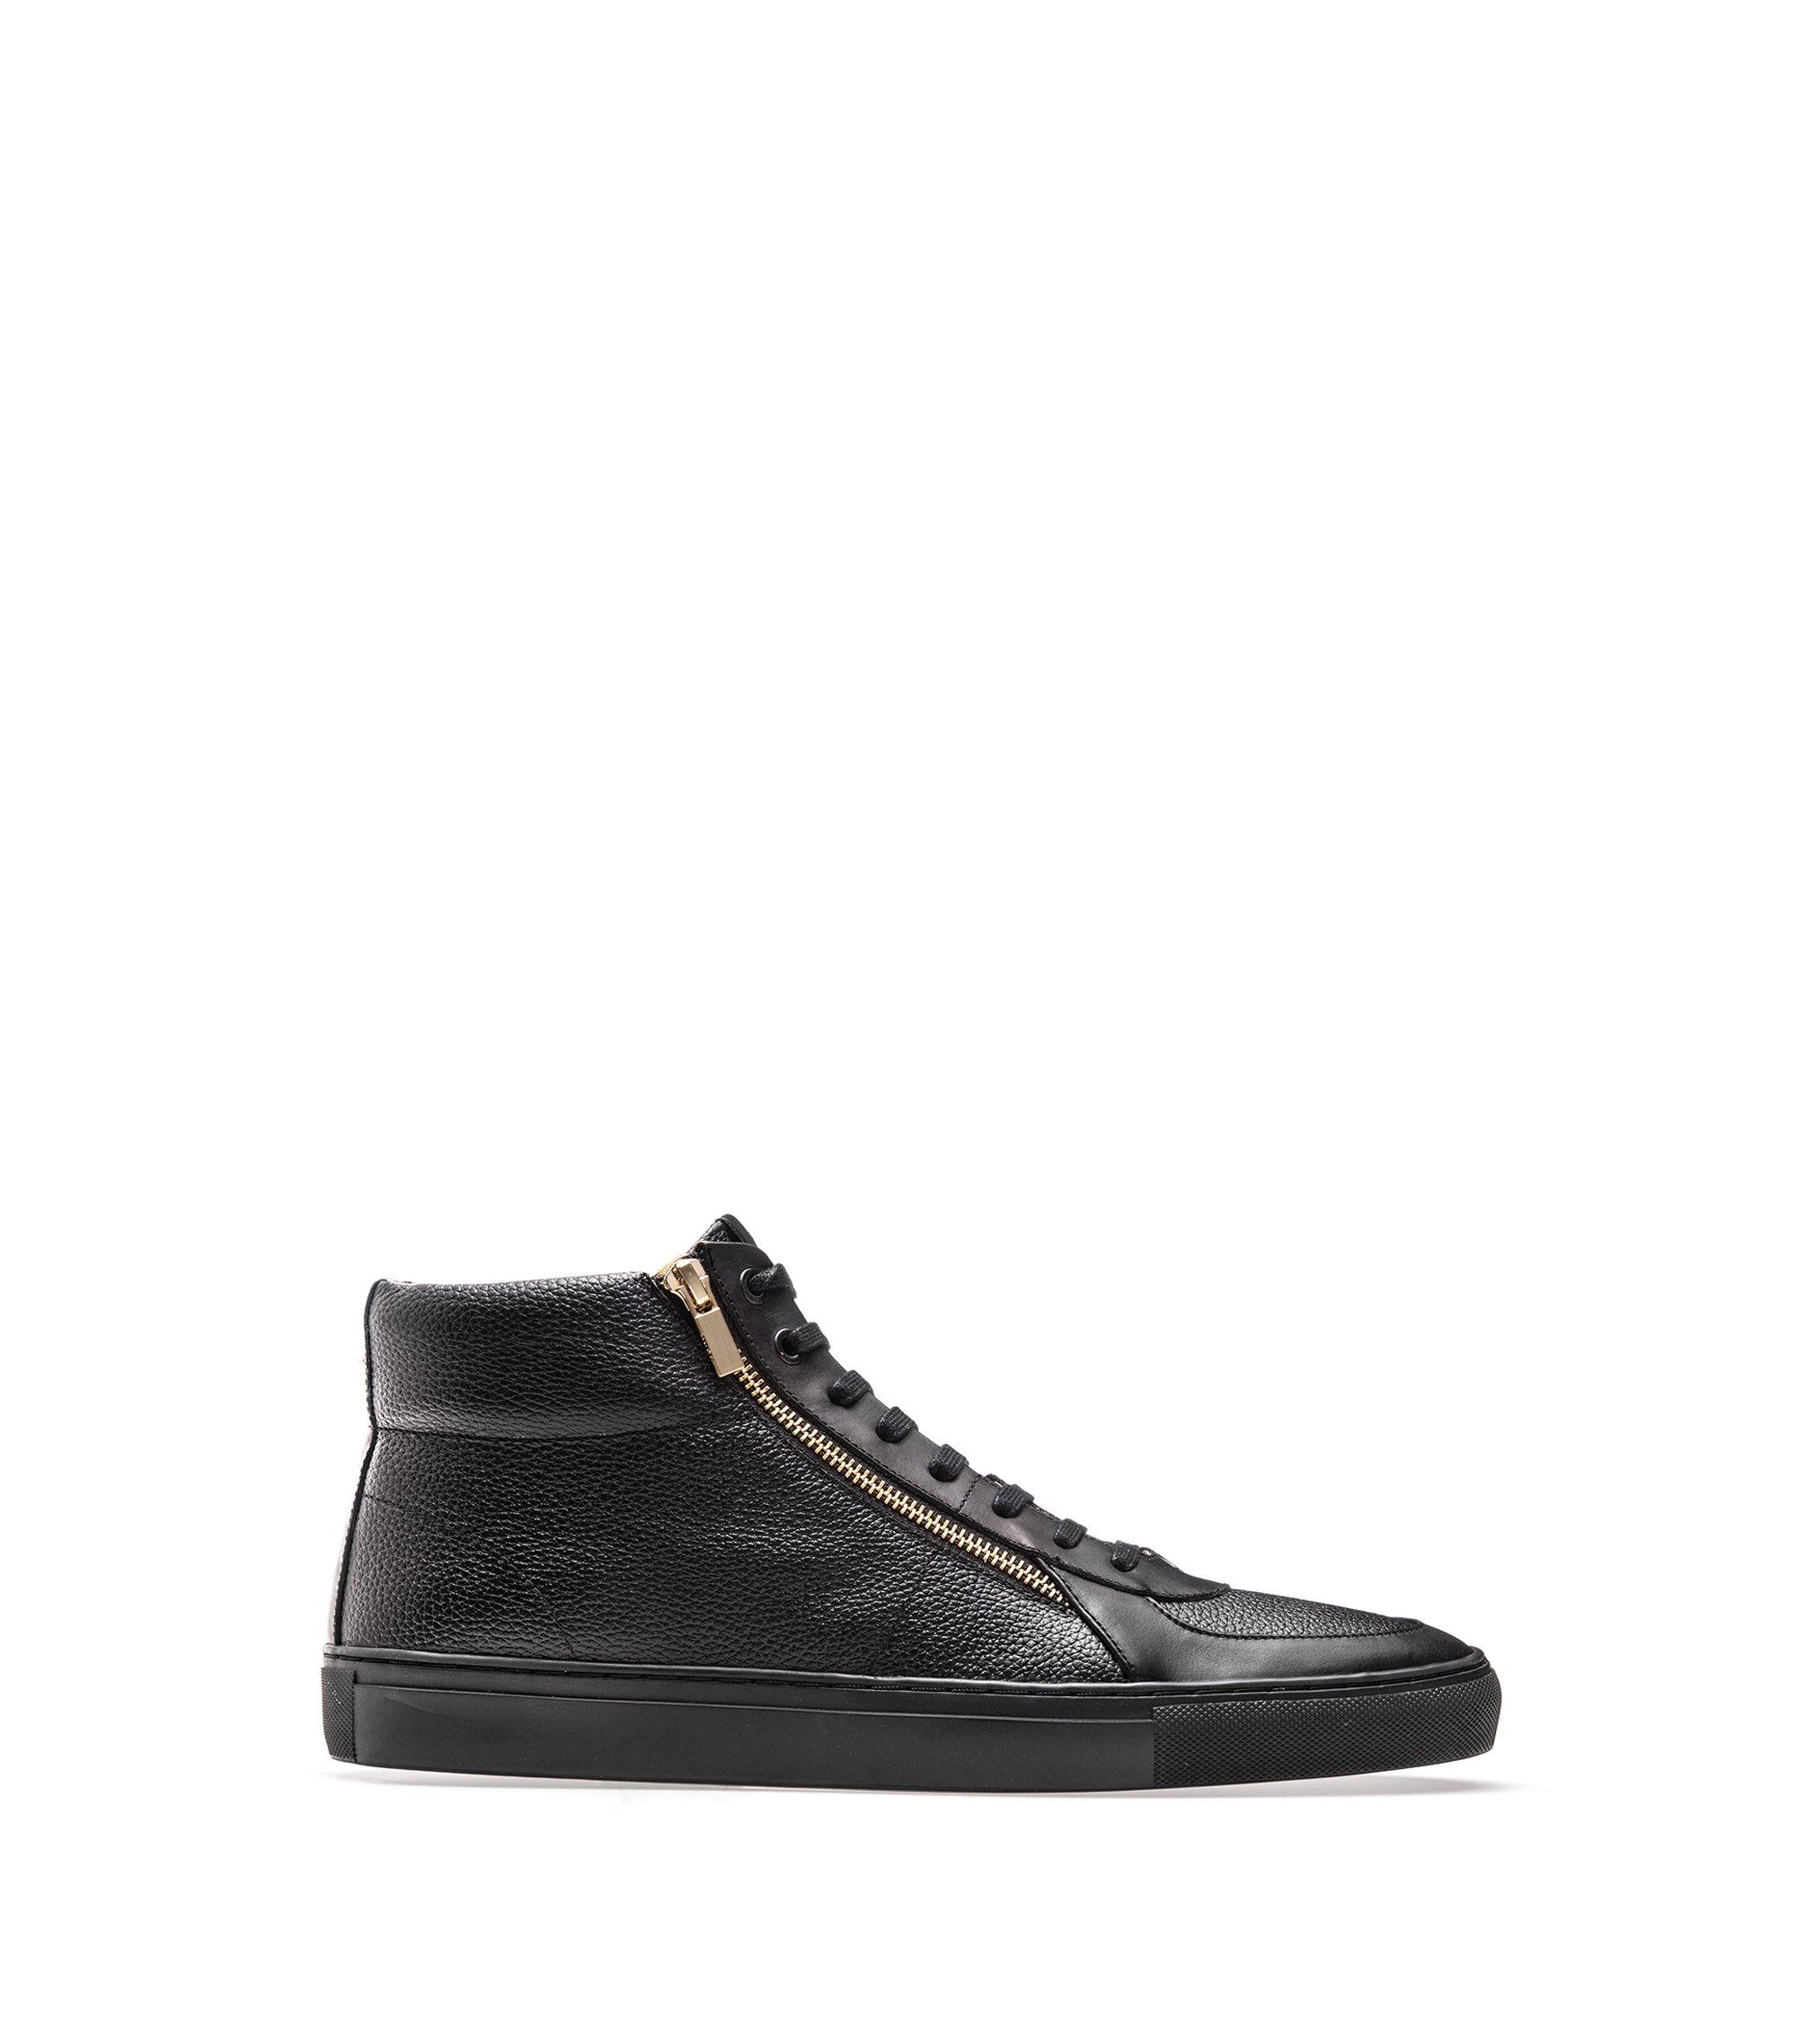 Hightop Sneakers aus gewalktem Leder und Nappaleder mit Reißverschlüssen, Schwarz